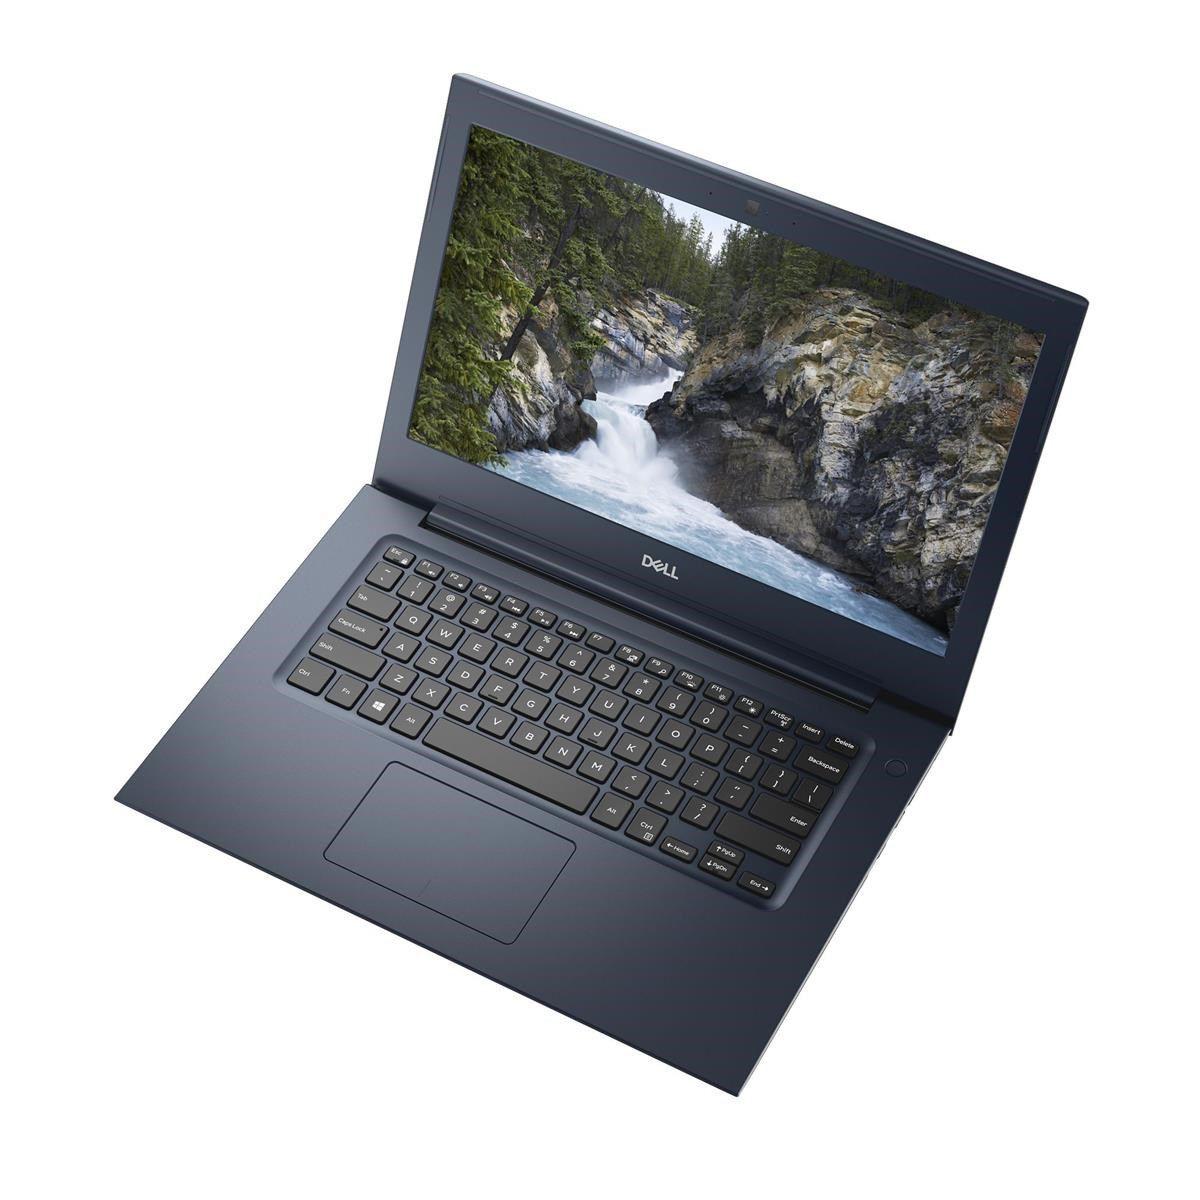 Notebook Dell Vostro 5471 Core I7 8550U Memoria 8Gb Hd Ssd 256Gb Placa Video Amd530 4Gb Tela 14 Fhd Win 10 Pro